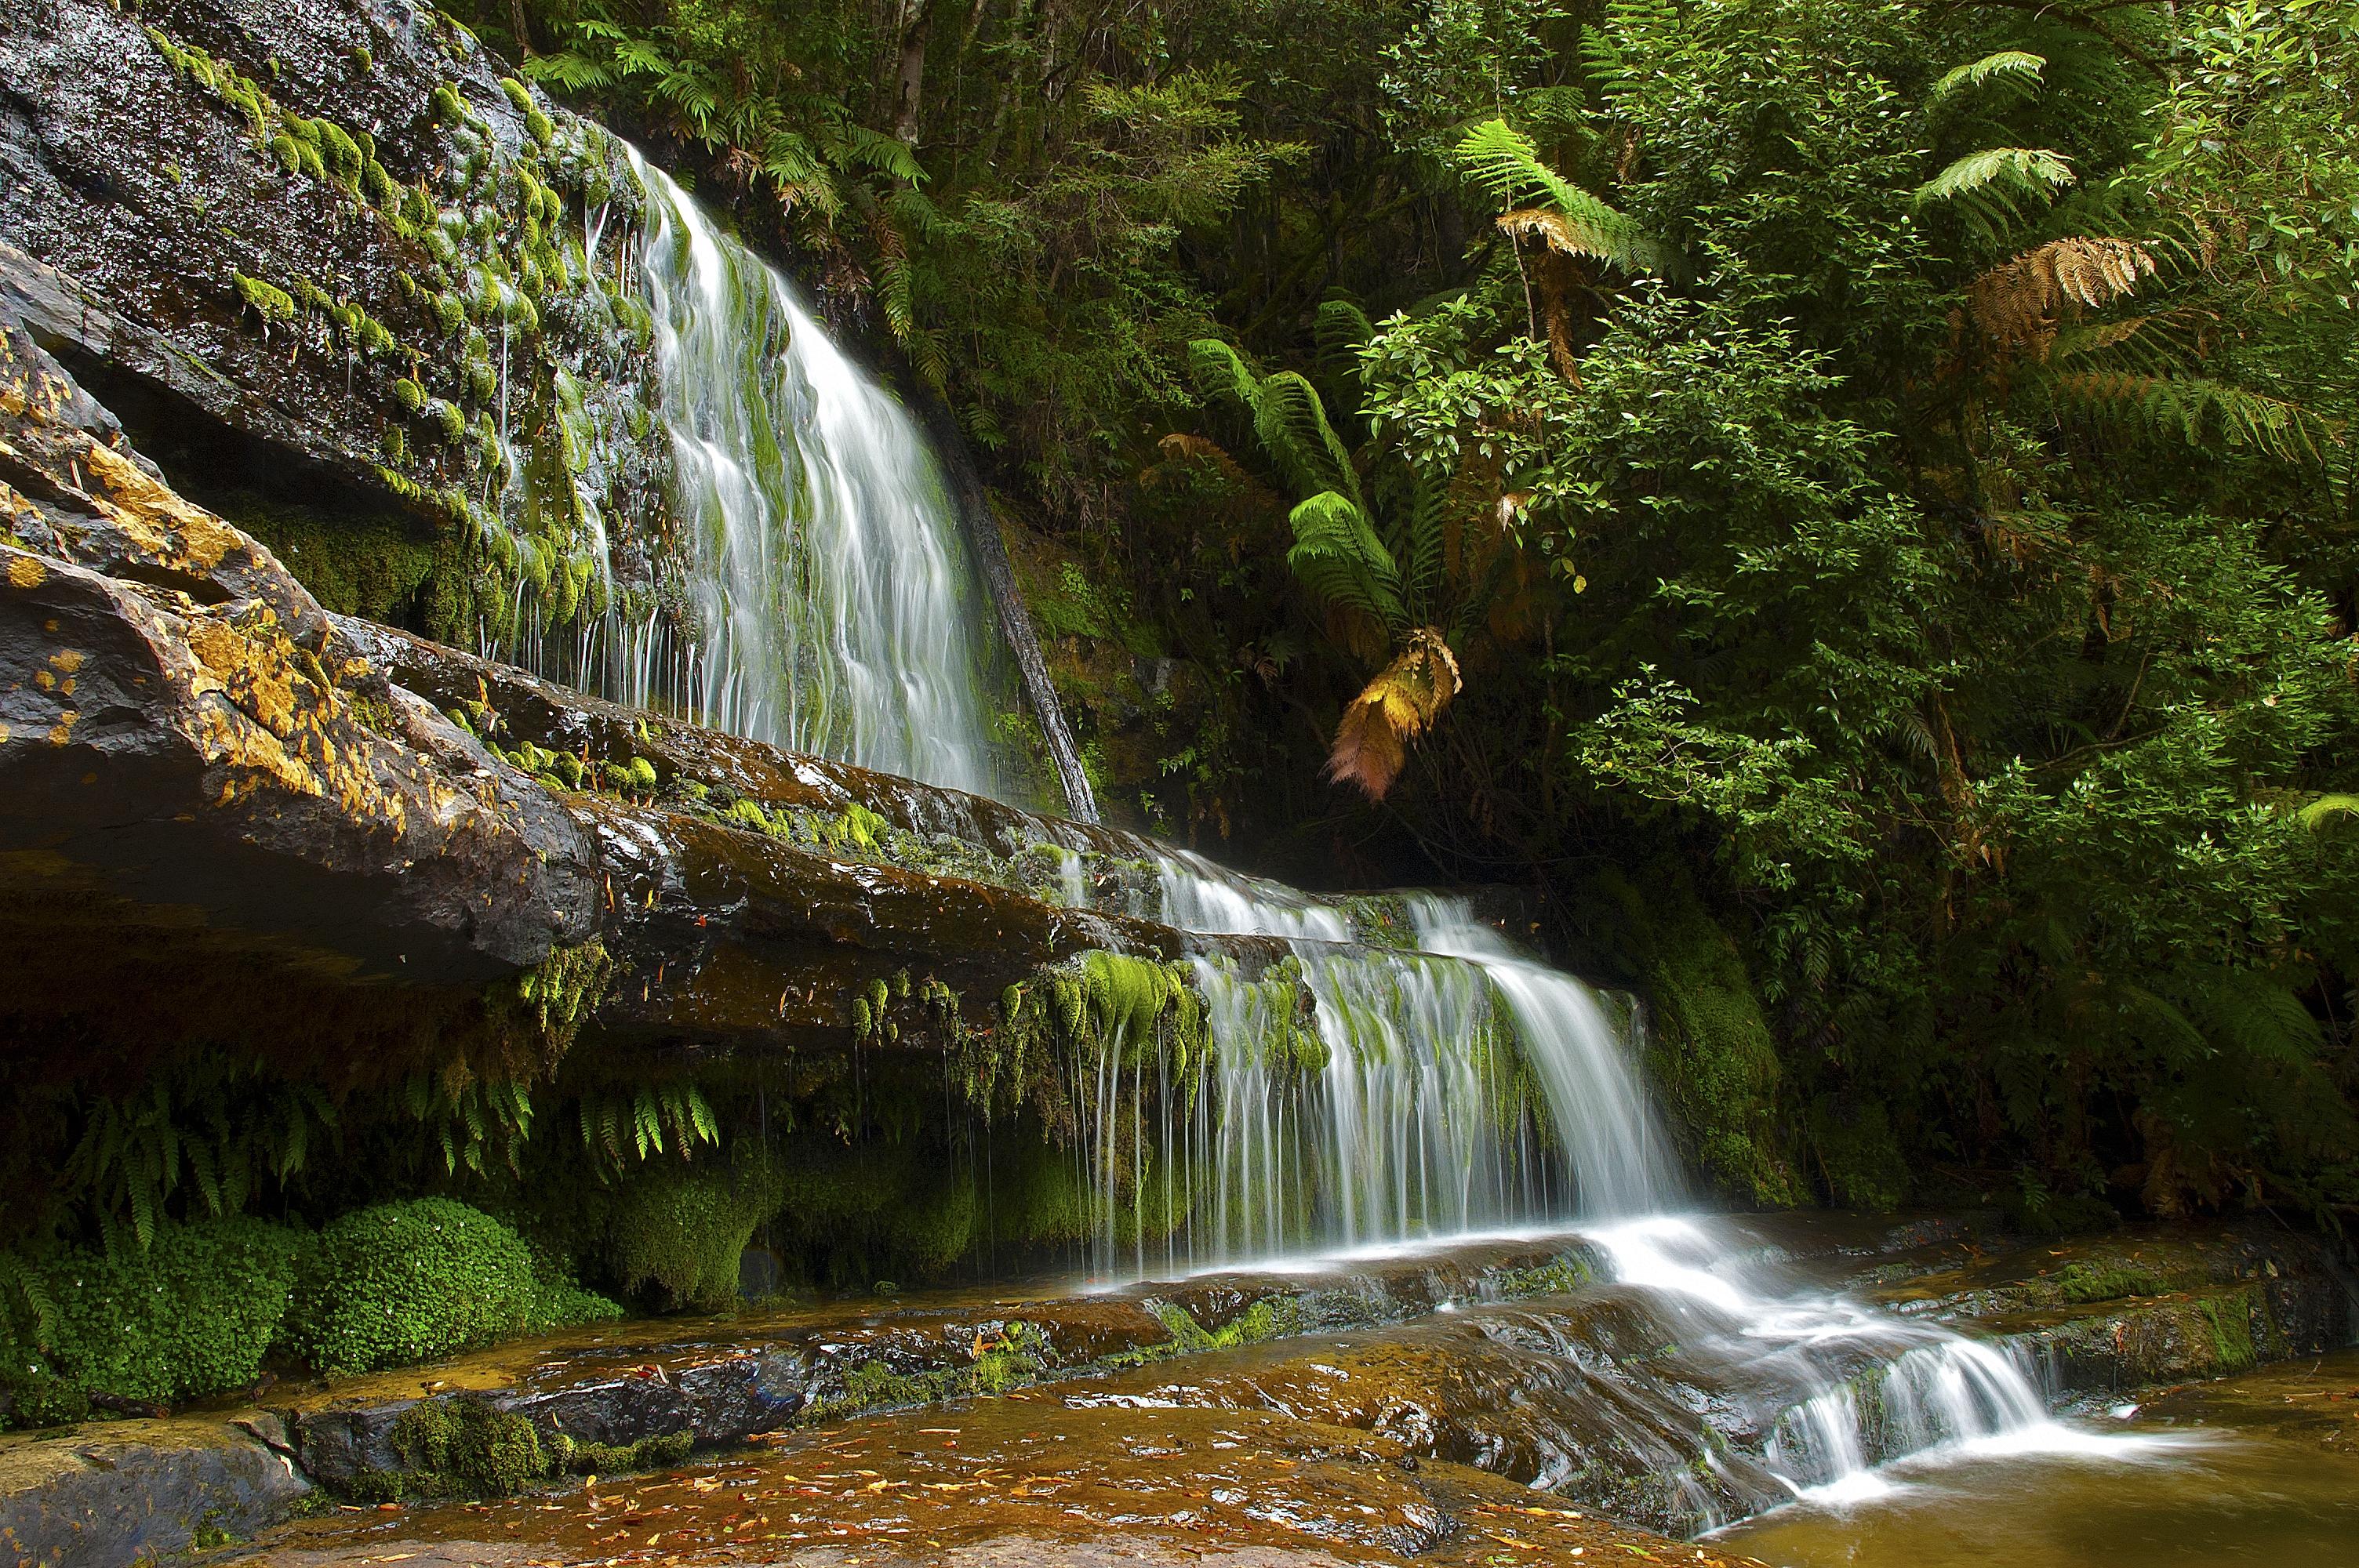 104043 descargar fondo de pantalla Naturaleza, Árboles, Cascada, Las Rocas, Rocas, Paisaje: protectores de pantalla e imágenes gratis